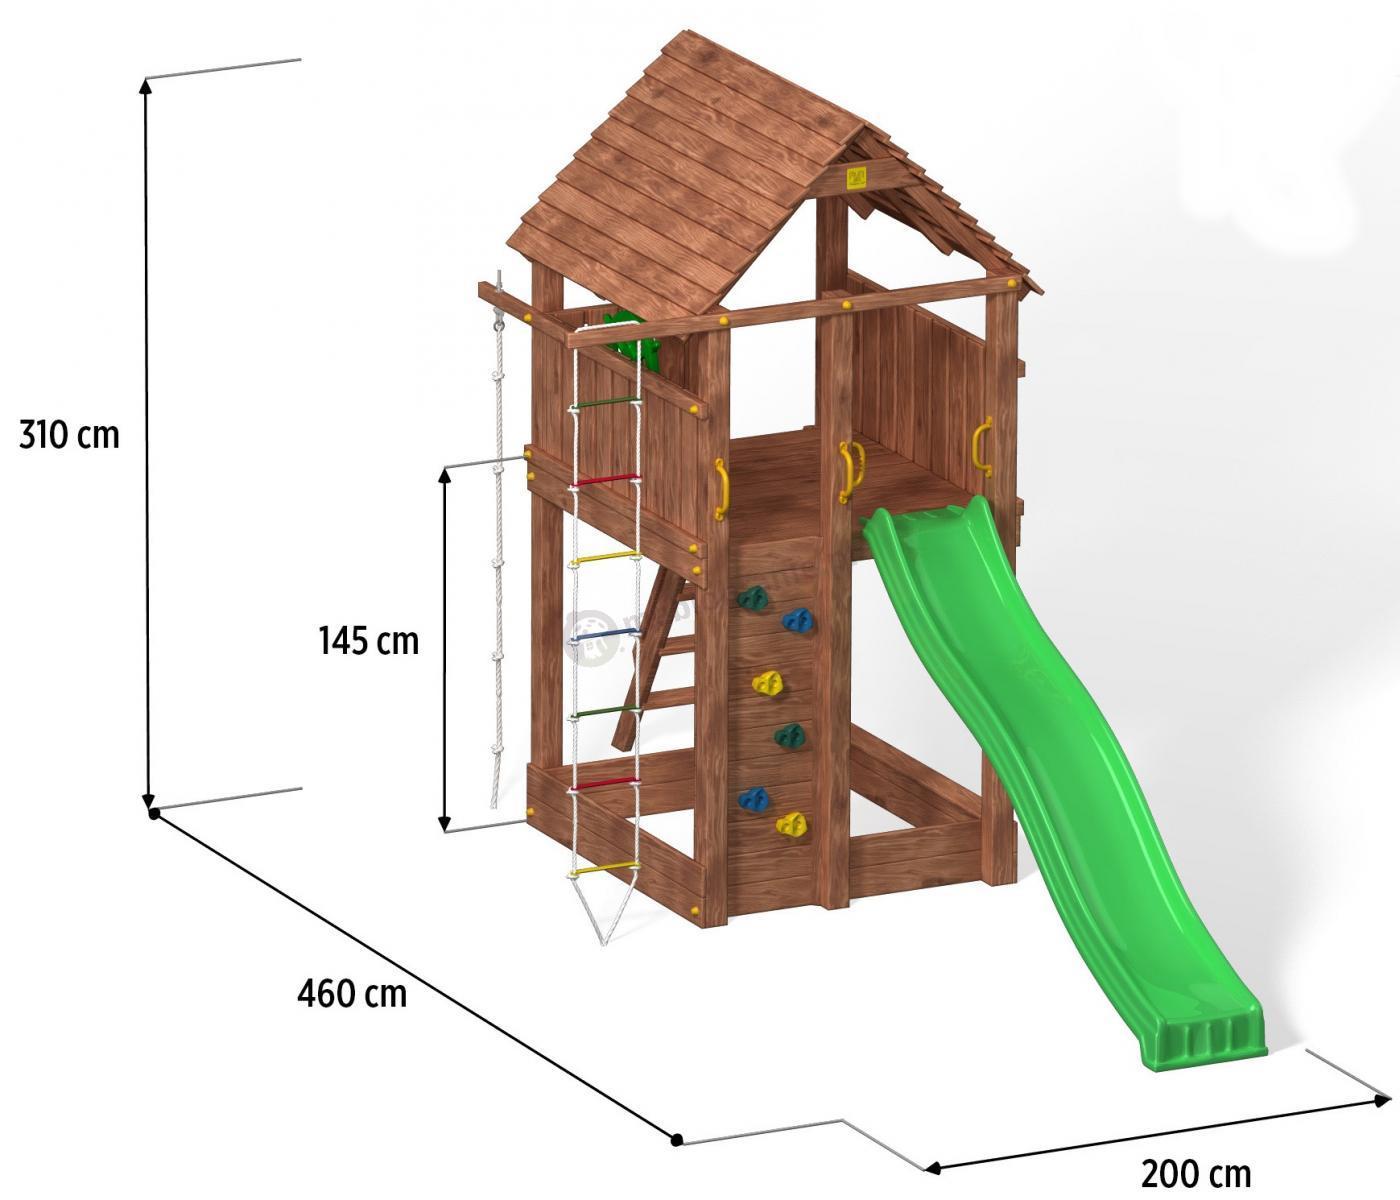 Domek dla dzieci wymiary